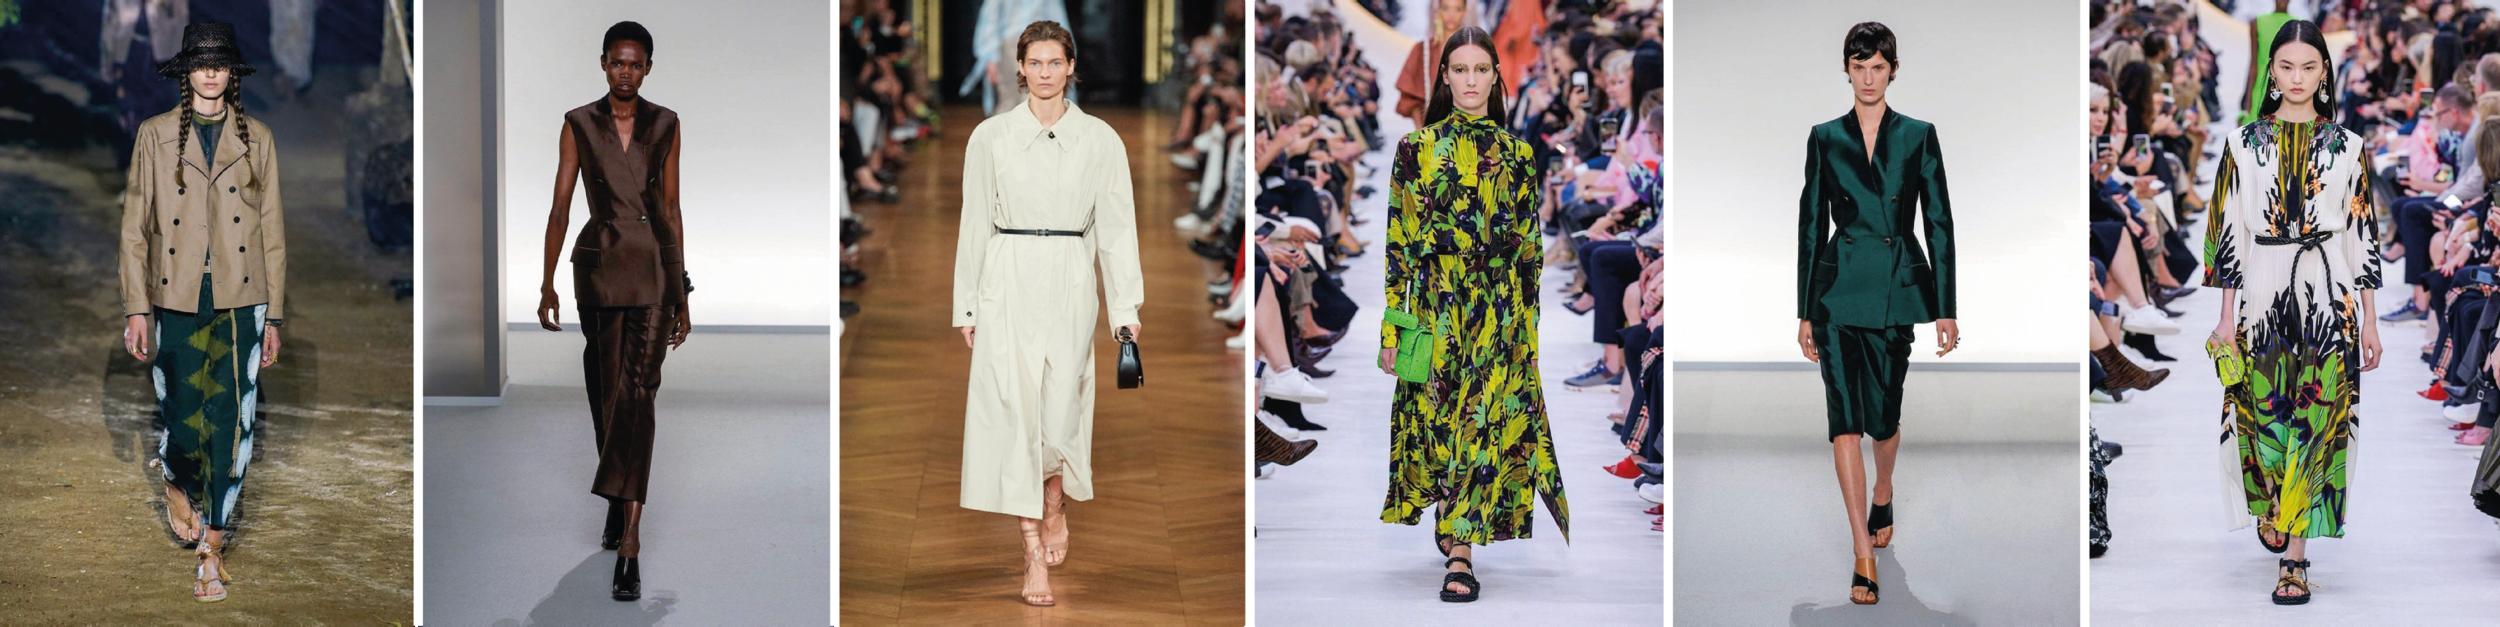 Tenues présentées lors des défilées de Elie-Saab, Christian Dior, Givenchy et Valentino.